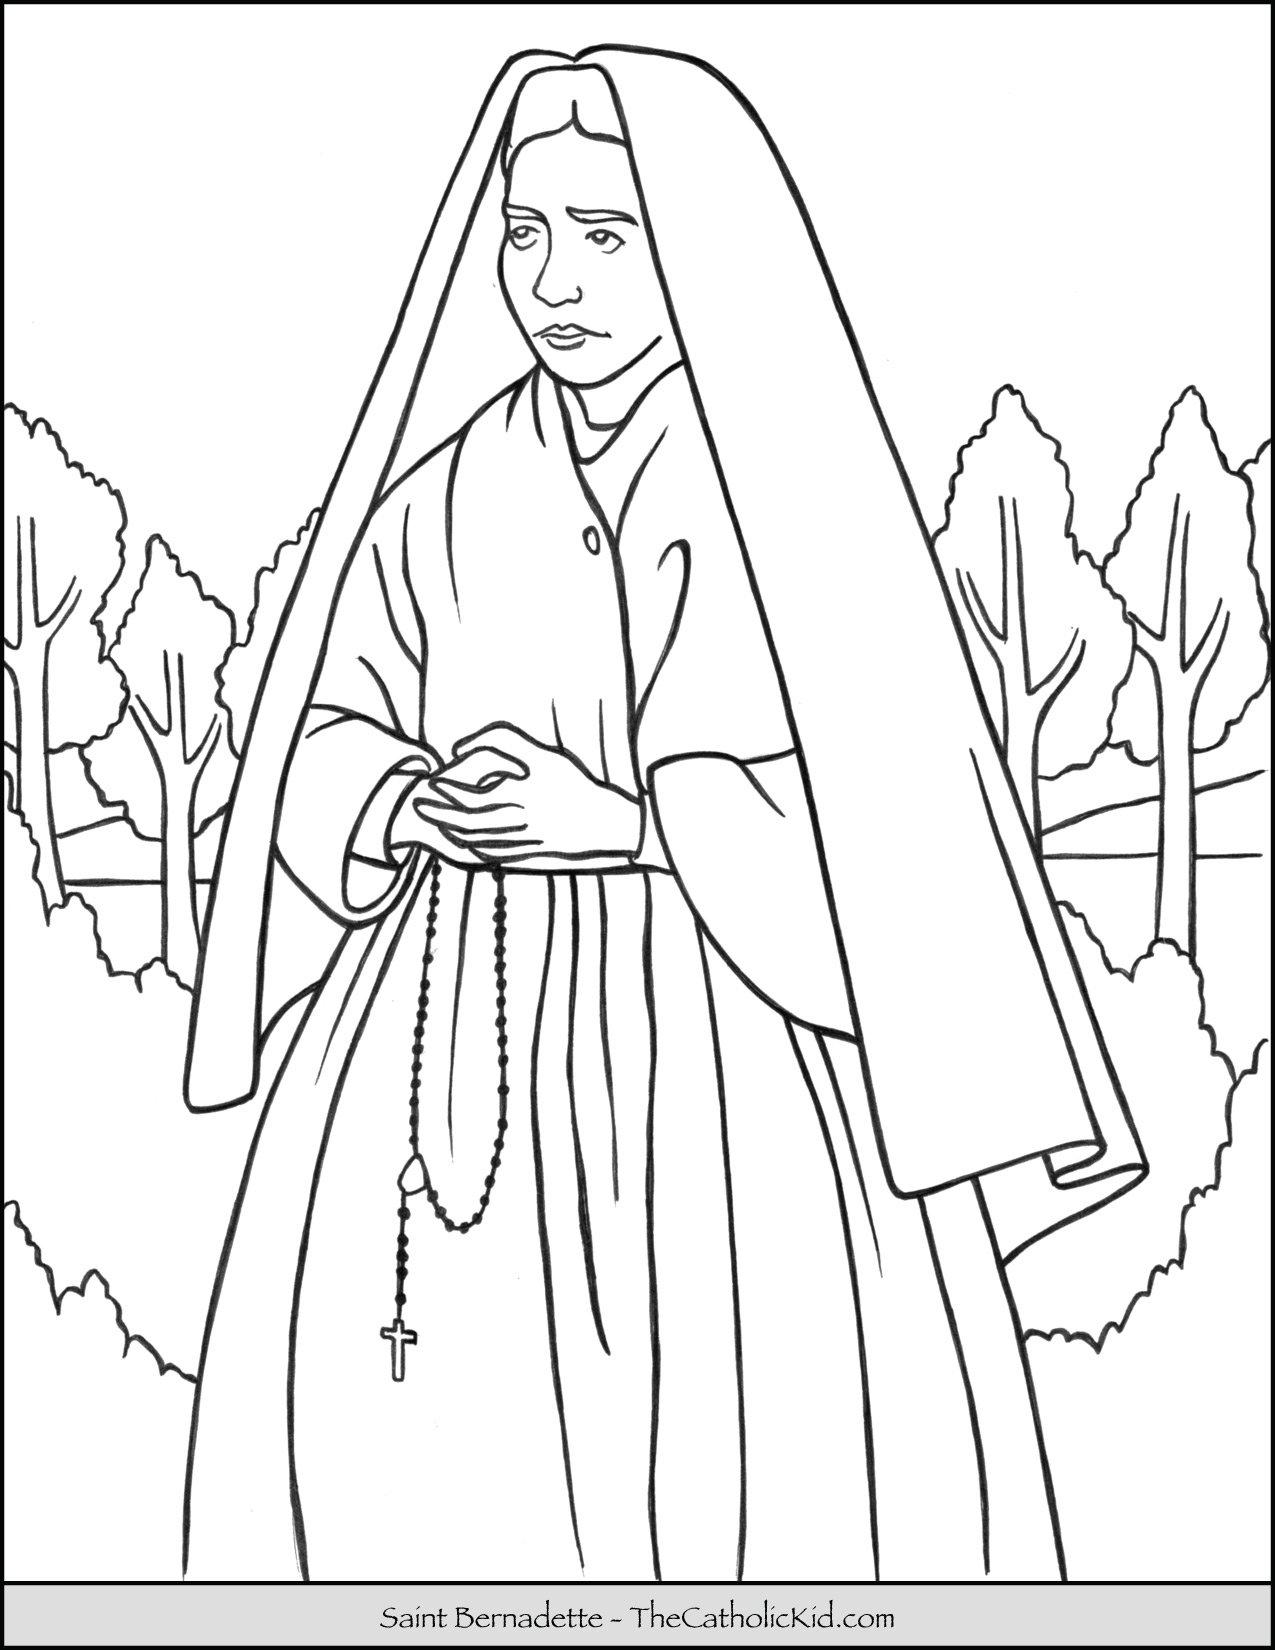 Saint Bernadette Coloring Page